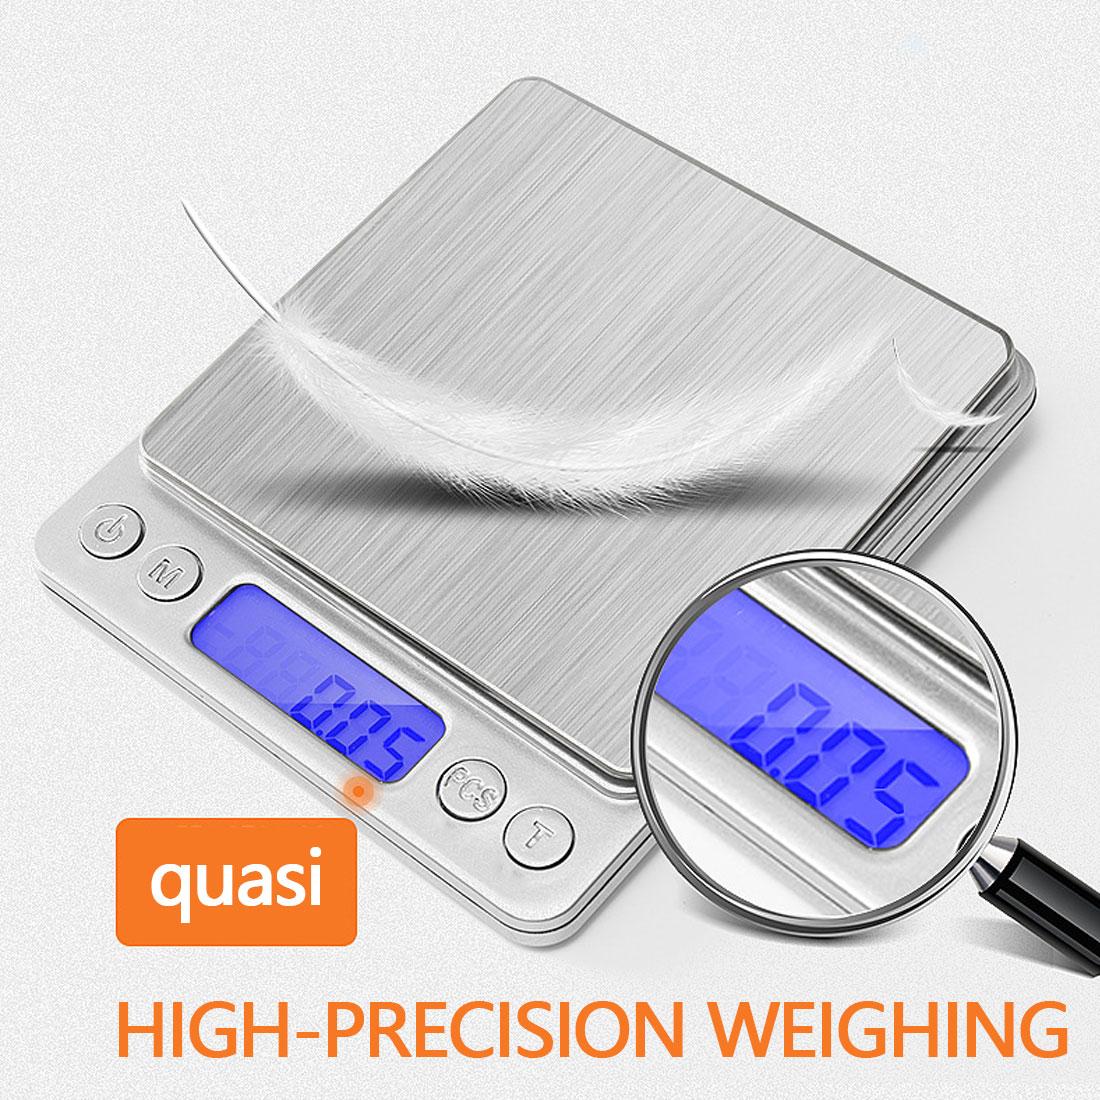 Бытовые кухонные весы, электронные кухонные весы 3000 г/0,1 г для выпечки, измерительный прибор из проволоки из нержавеющей стали